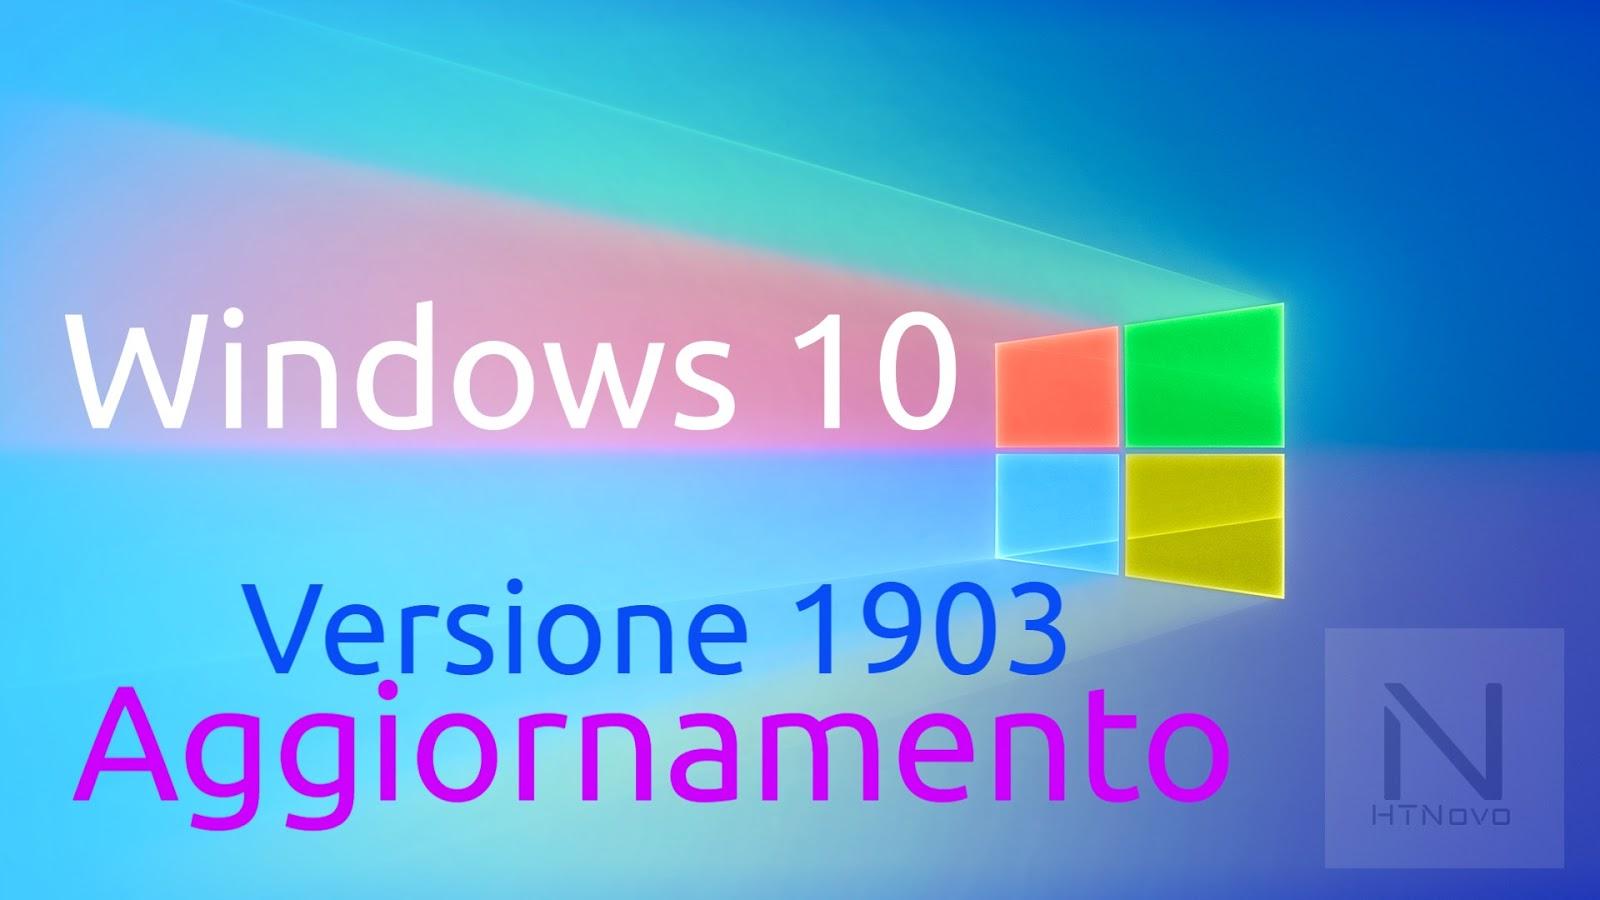 Aggiornamento-Windows-10-1903-Build-18362.